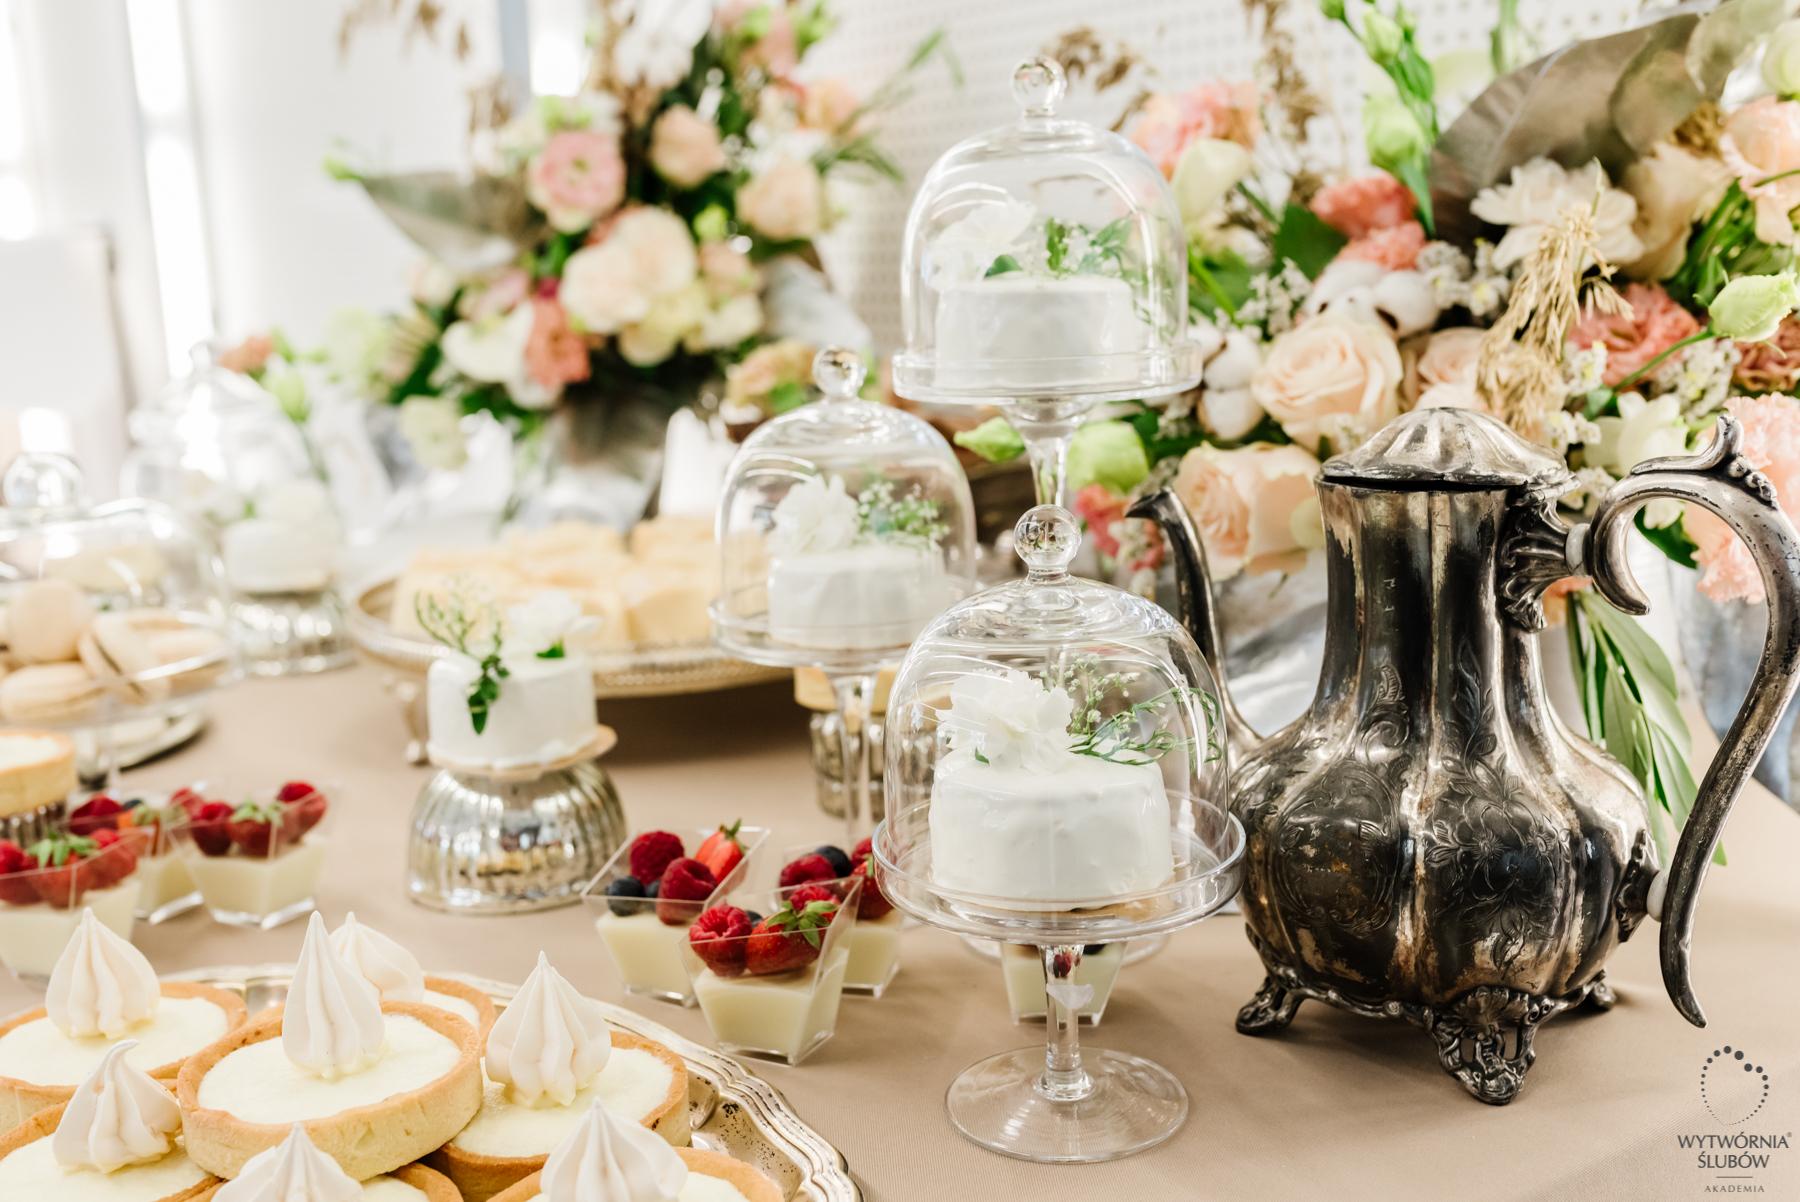 ozdoby stołu - dekoracja stołu na wesele